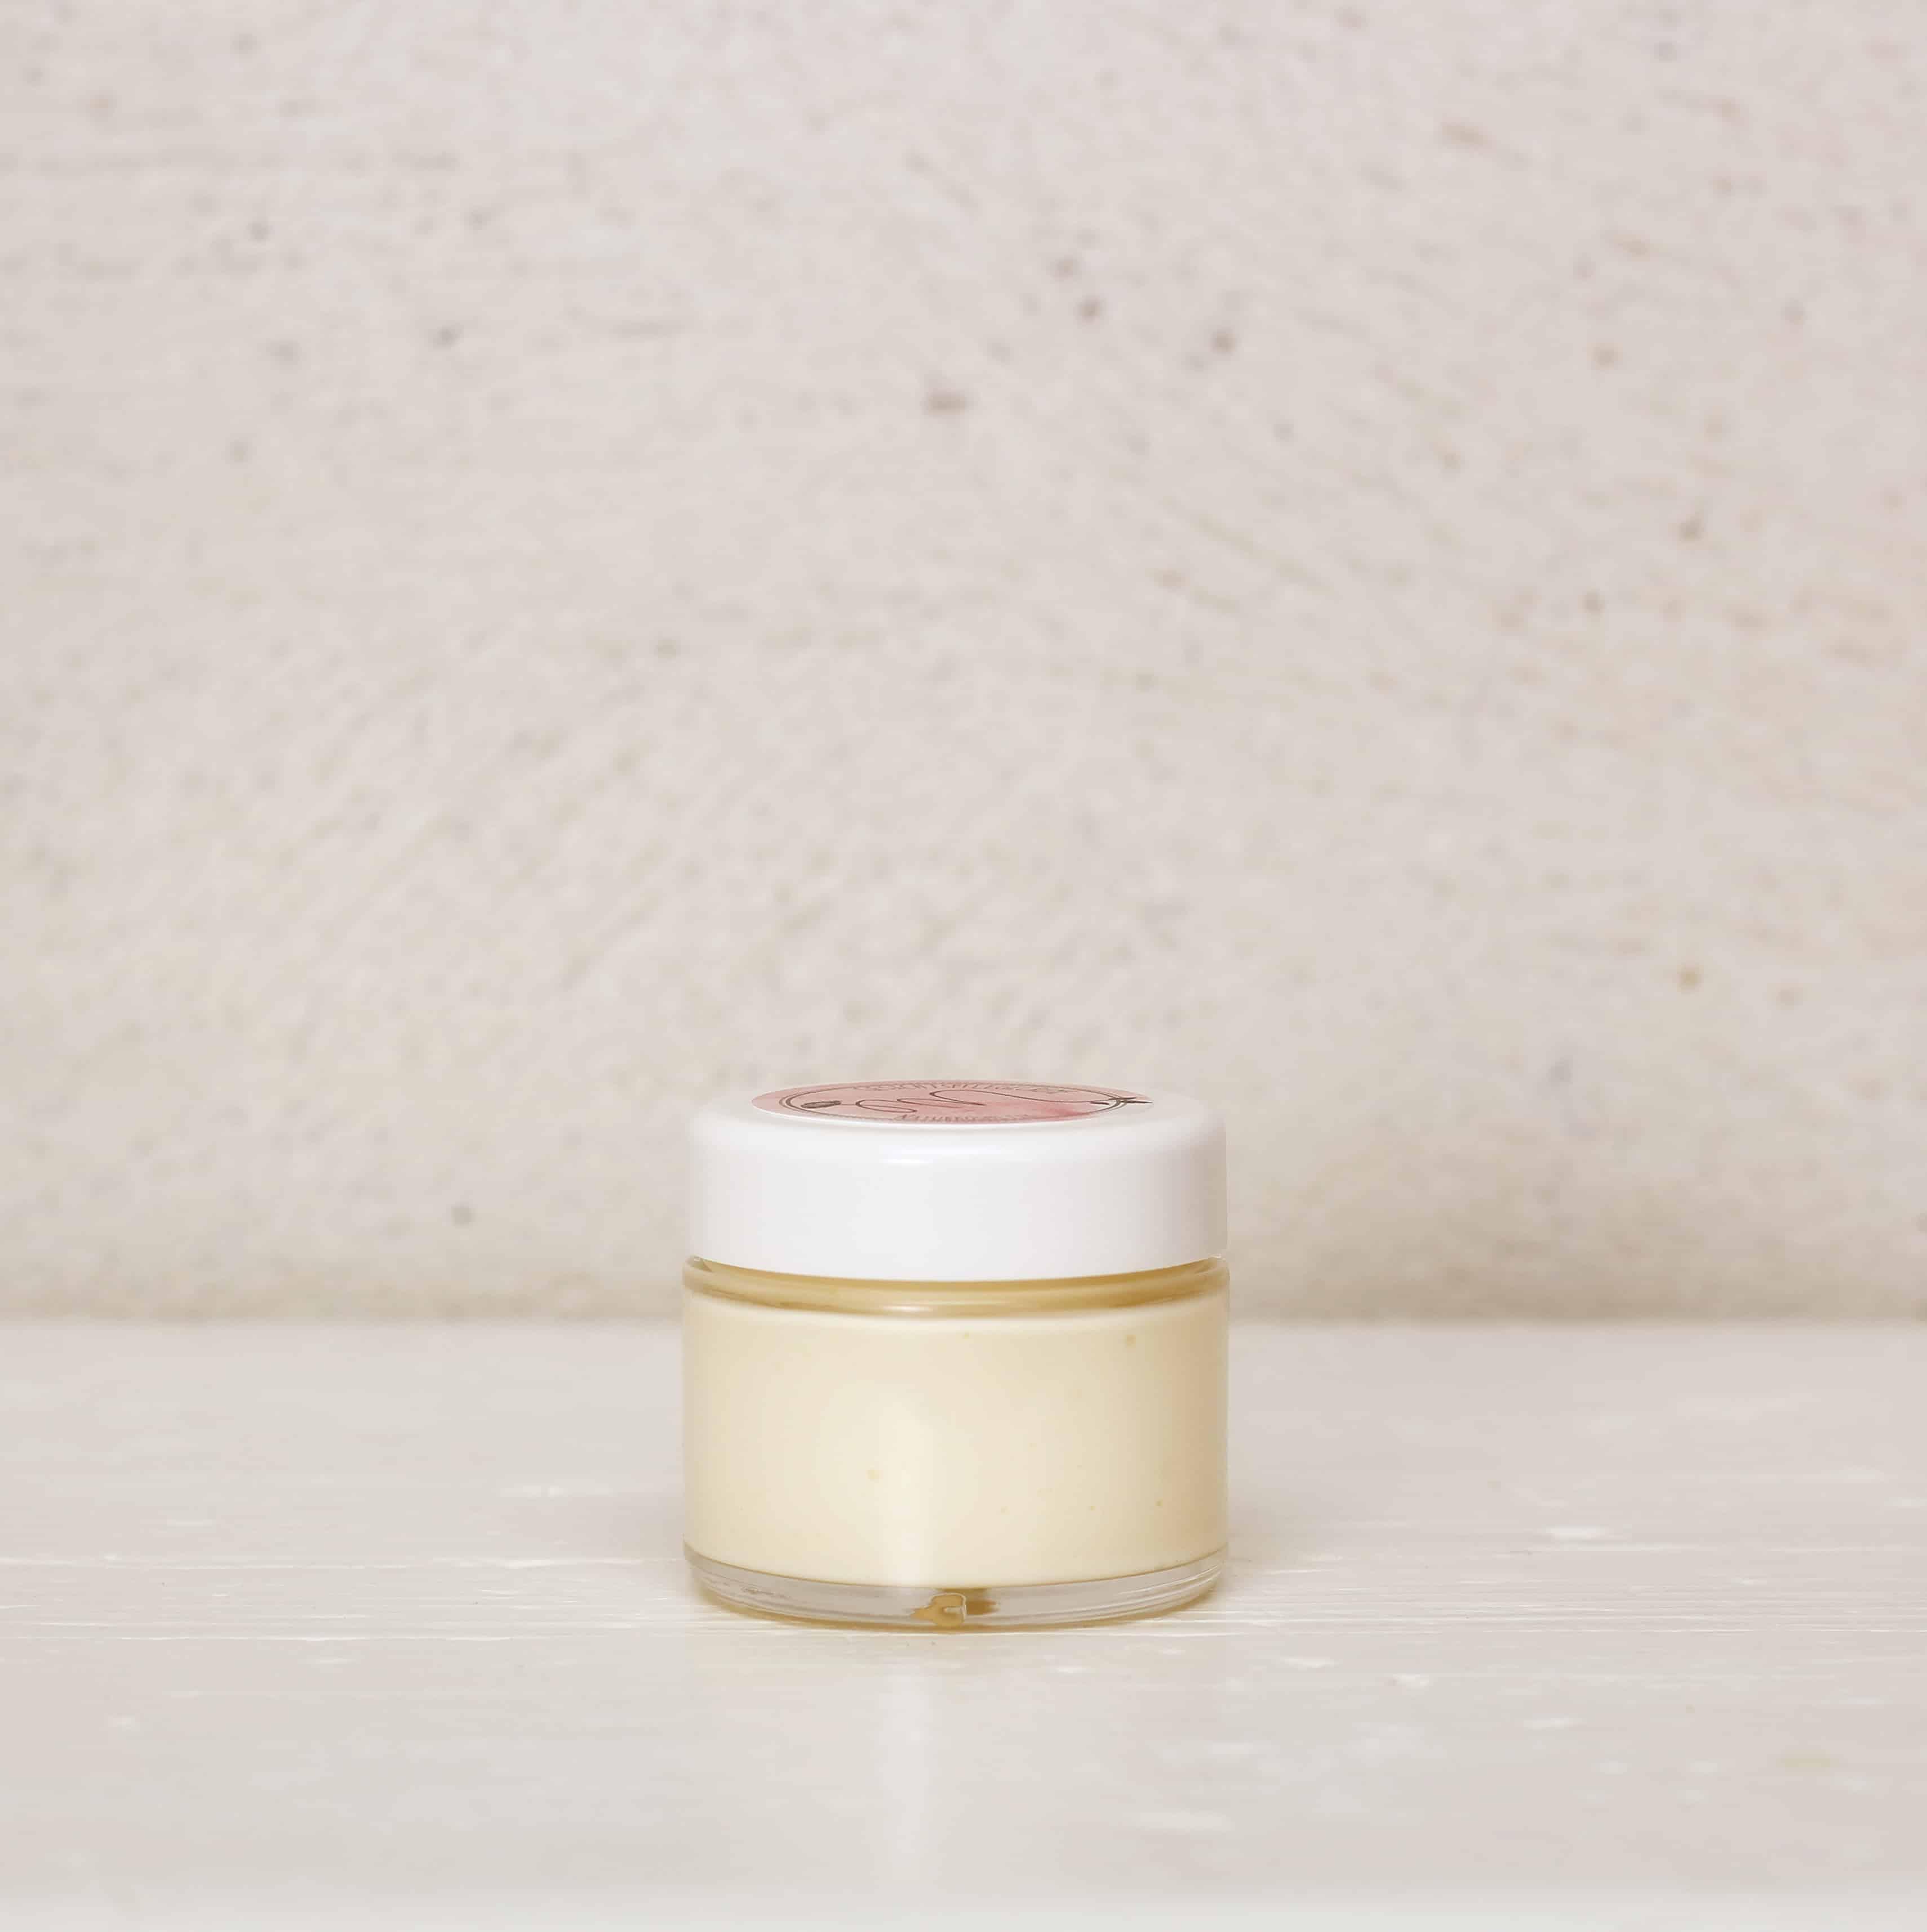 Gesichtspflegecreme – für normale bis trockene Haut, reife Haut